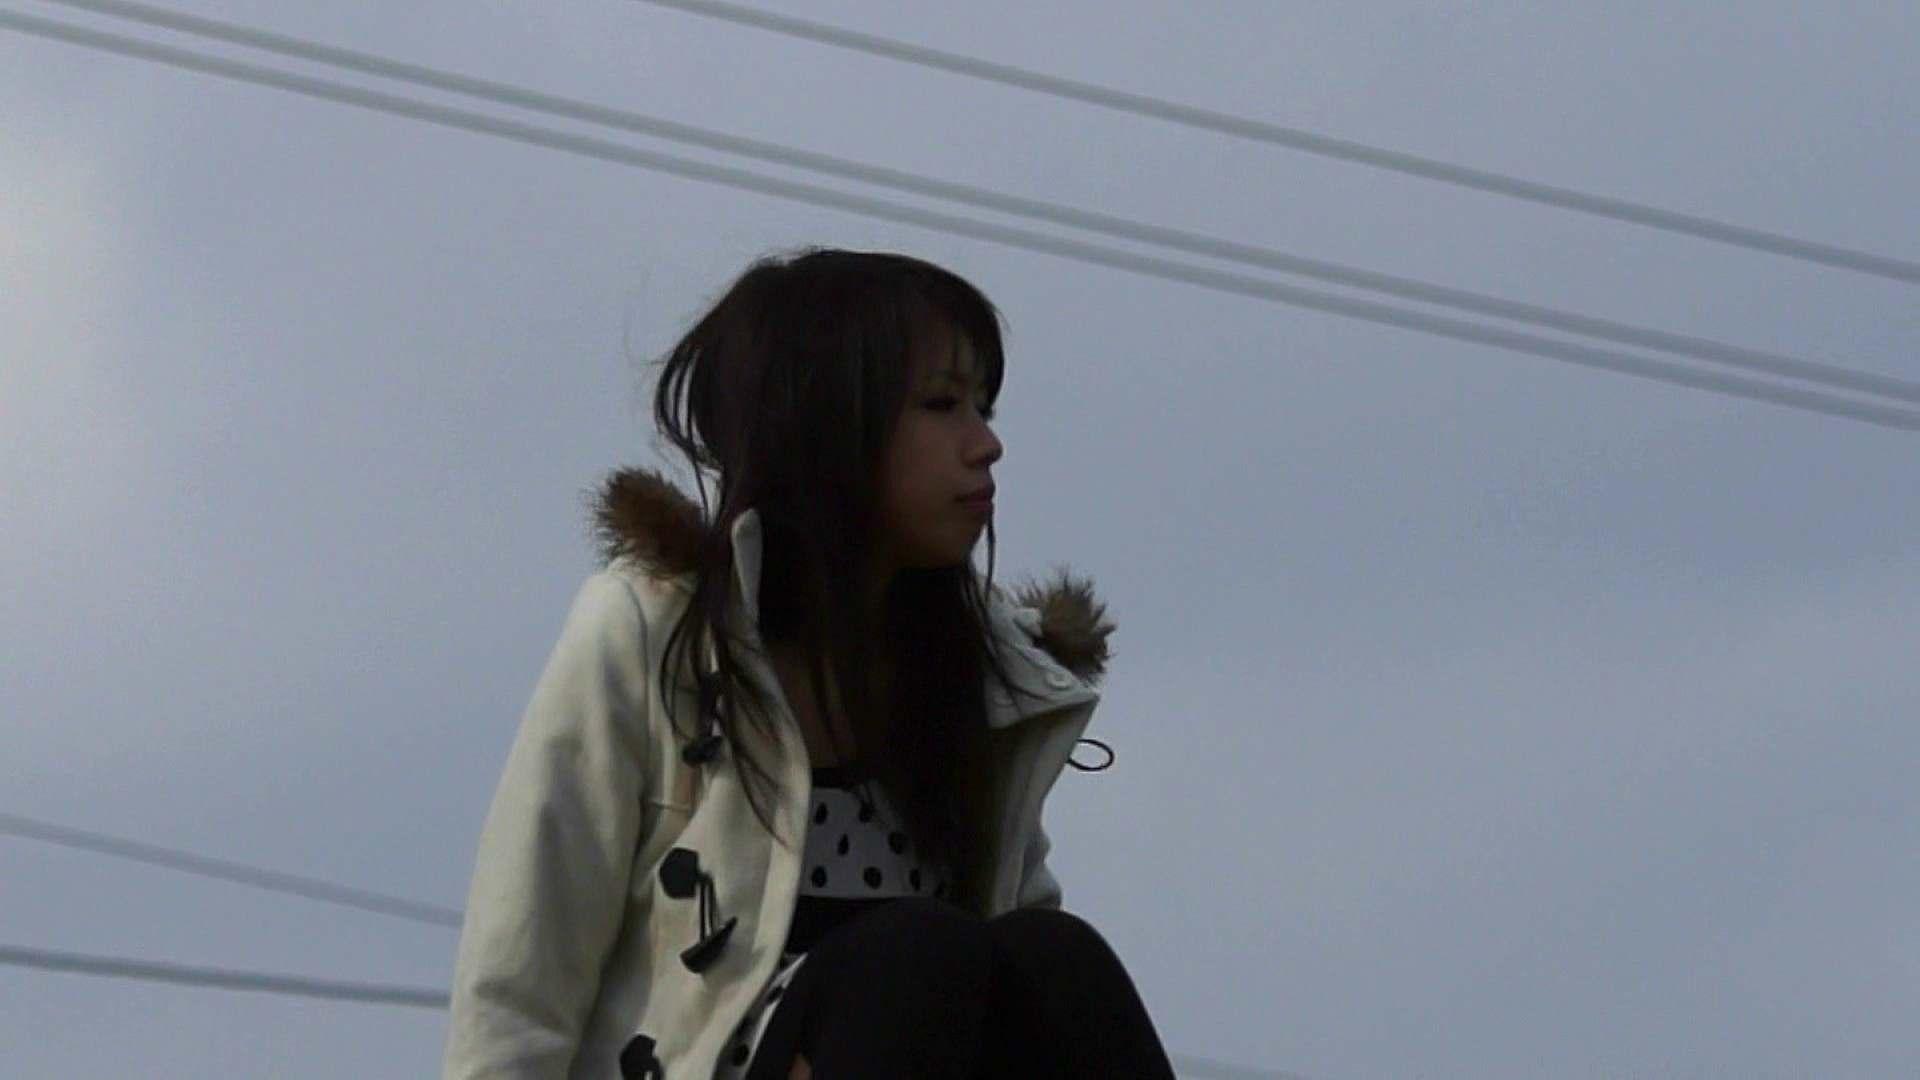 vol.2 自宅近く思い出の地で黄昏る志穂さん お姉さん攻略  83画像 48